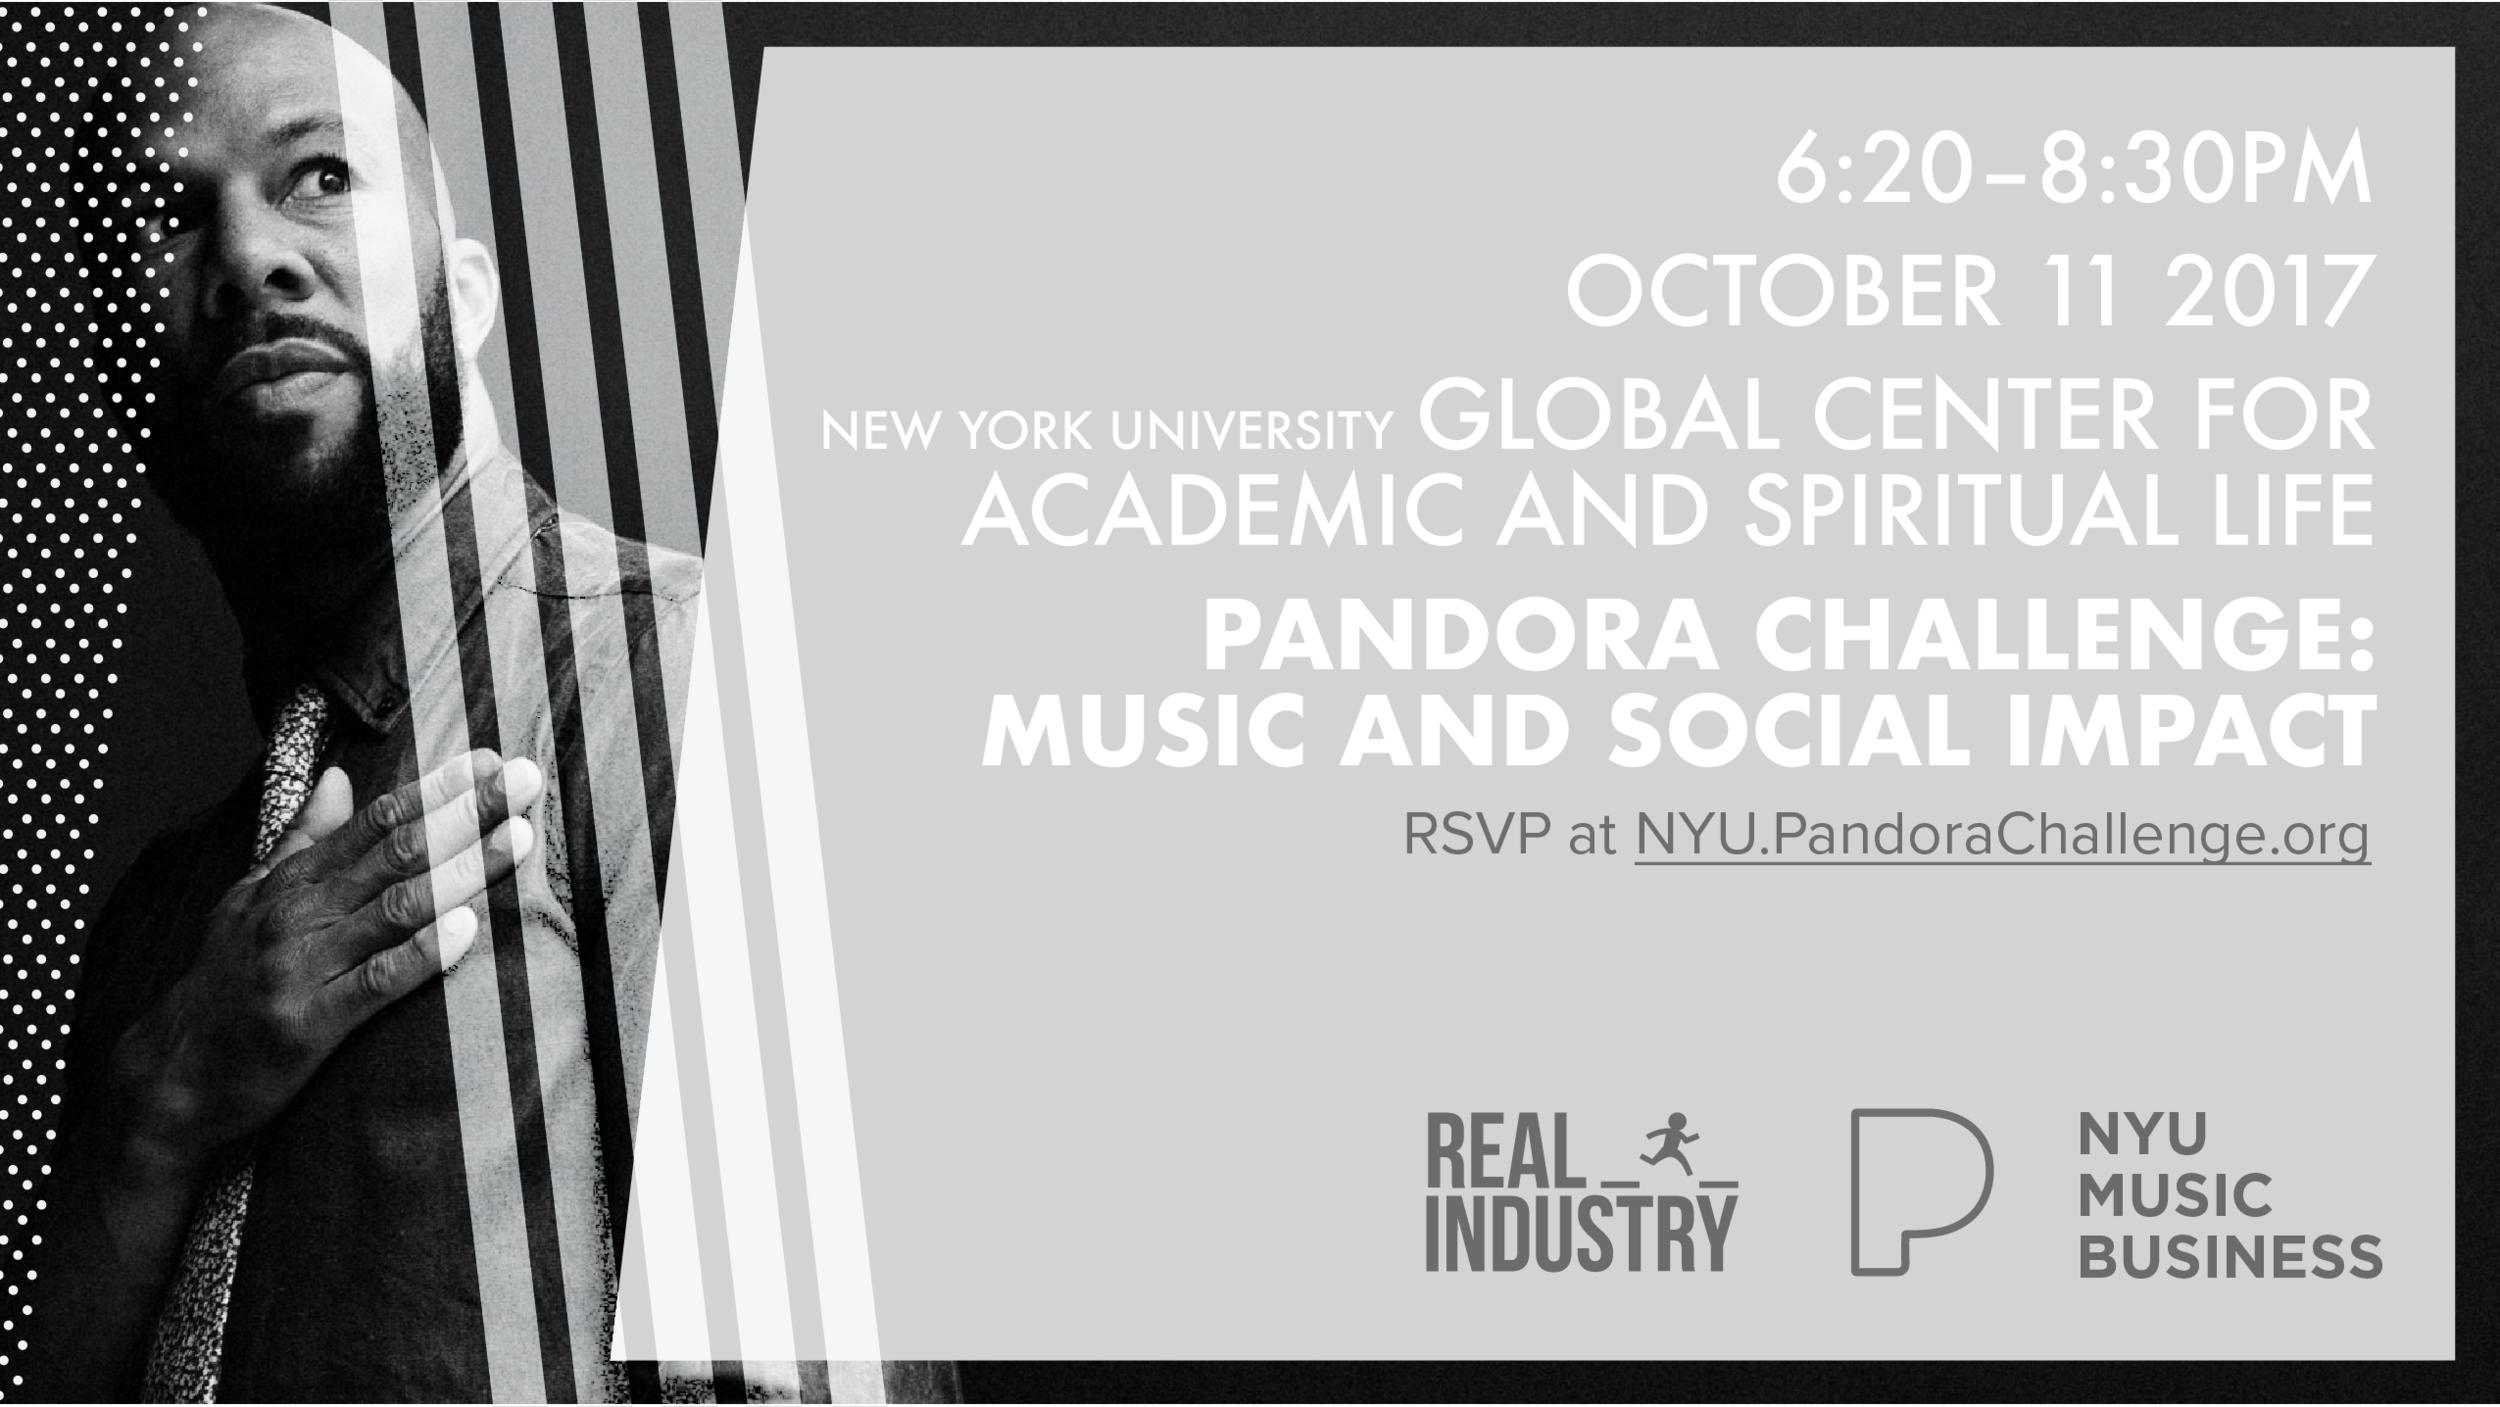 Pandora Challenge NYU Banner 9-14-17_NYU Facebook Banner.png